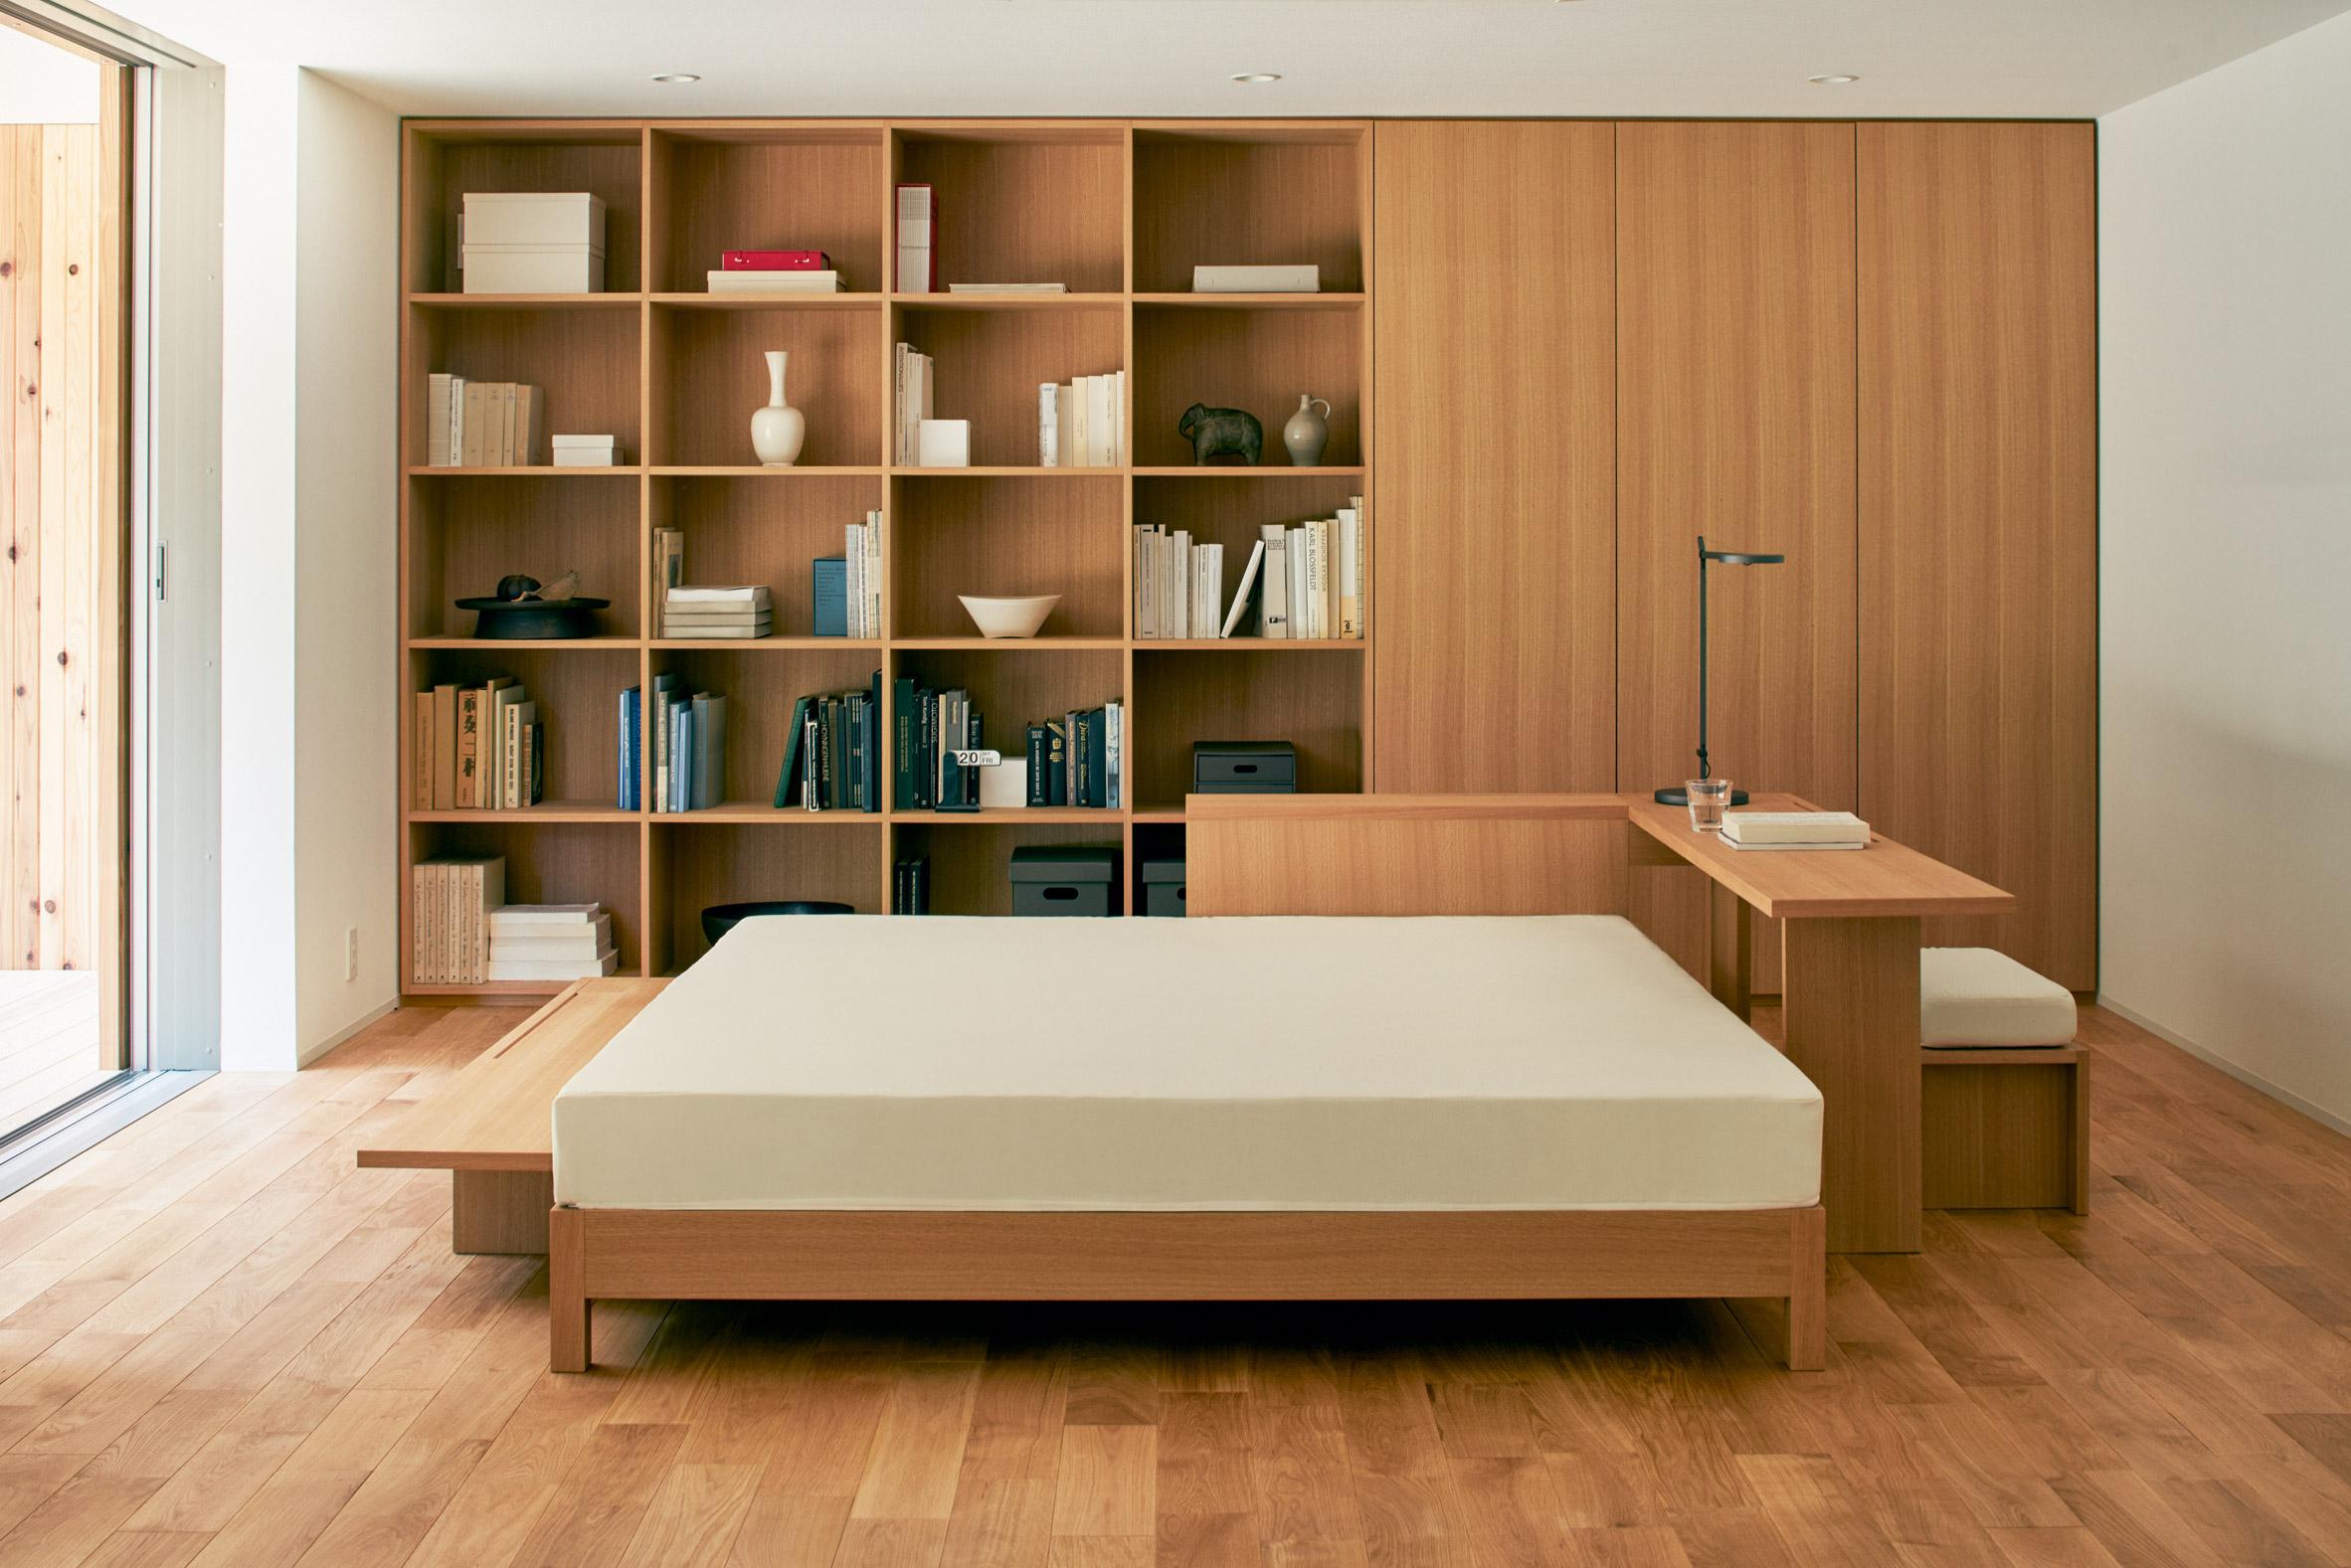 Un dormitorio minimalista